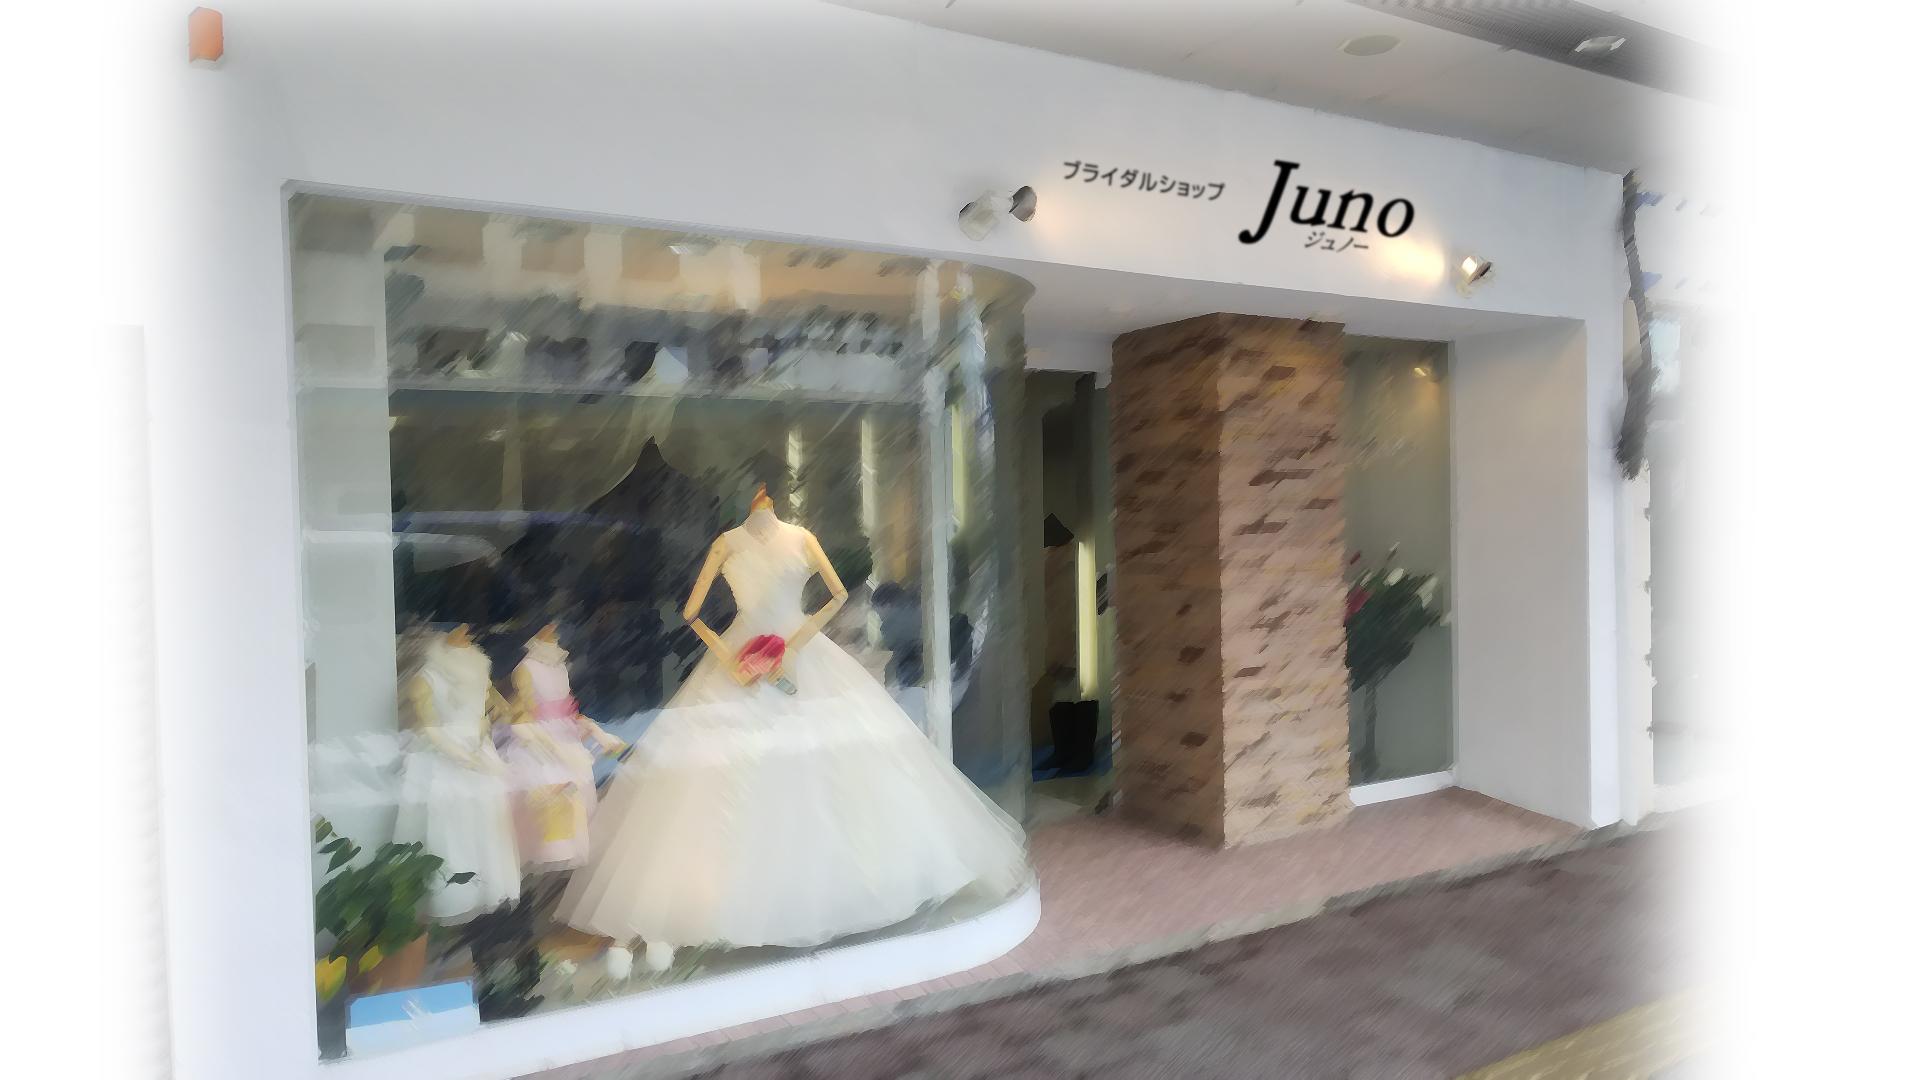 Juno移転します。2/17グランドオープン!